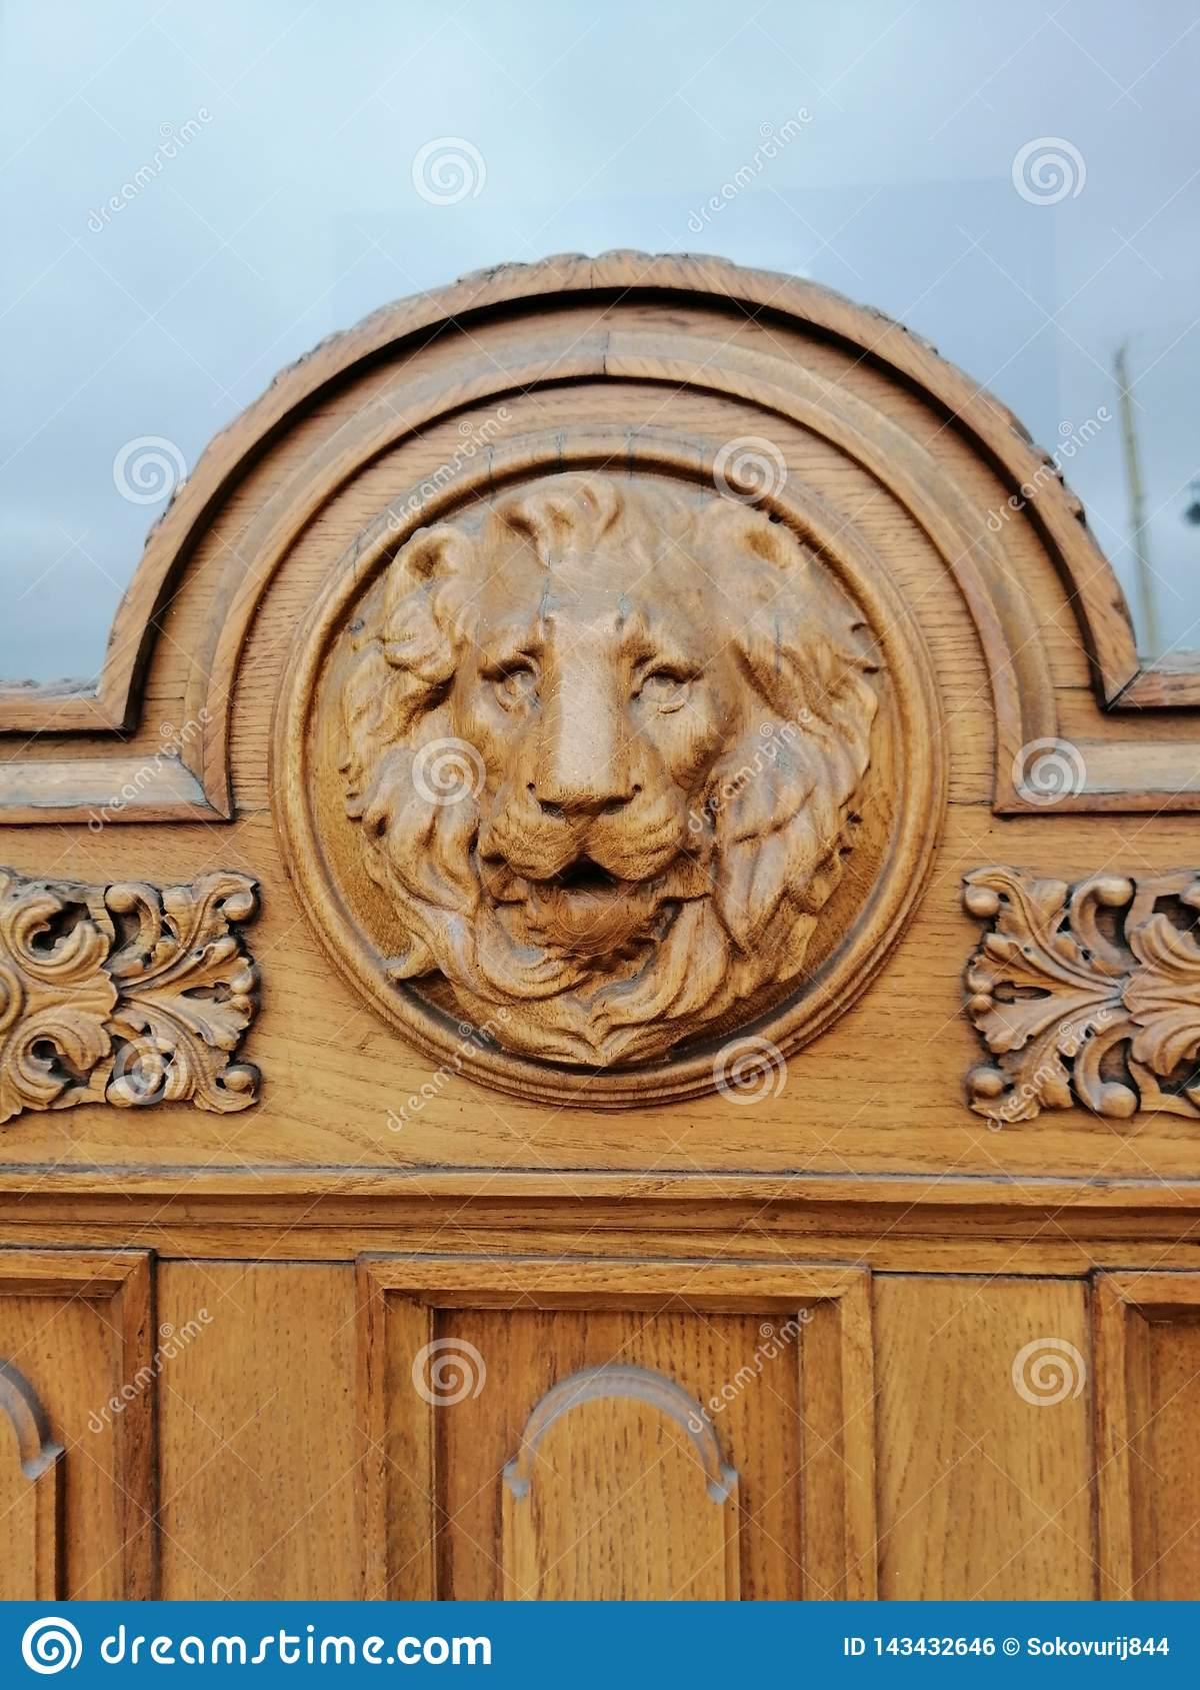 Bas-relief de lion sur la porte de la maison